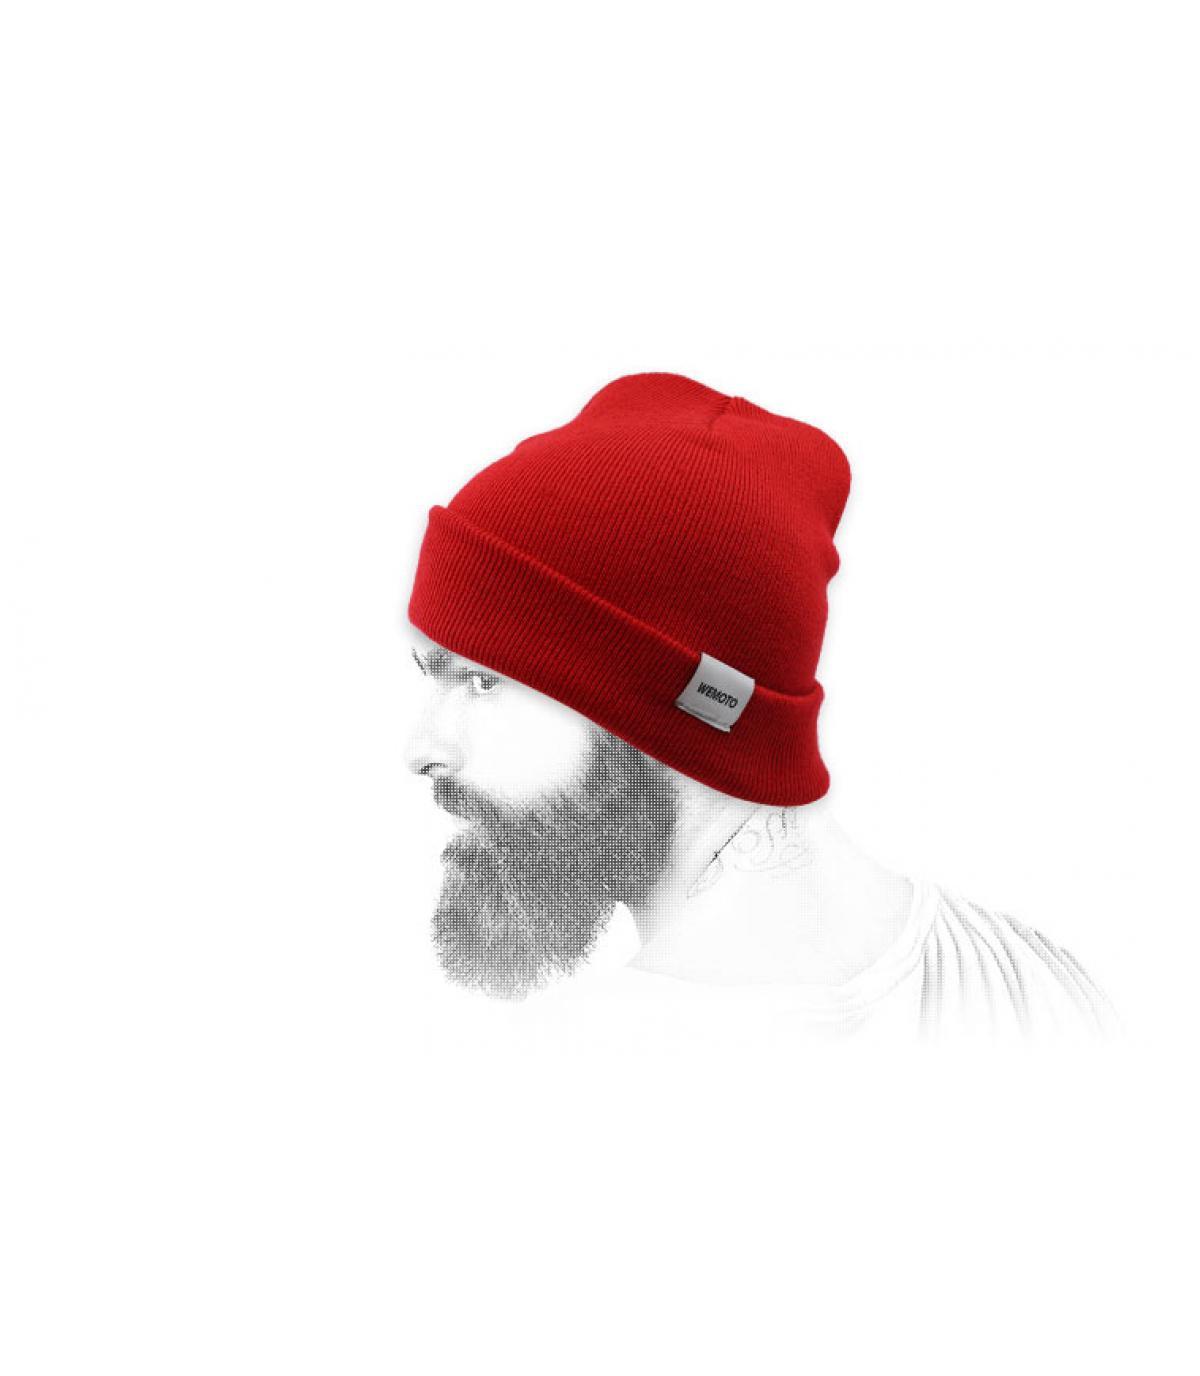 Mütze mit Rand rot Wemoto